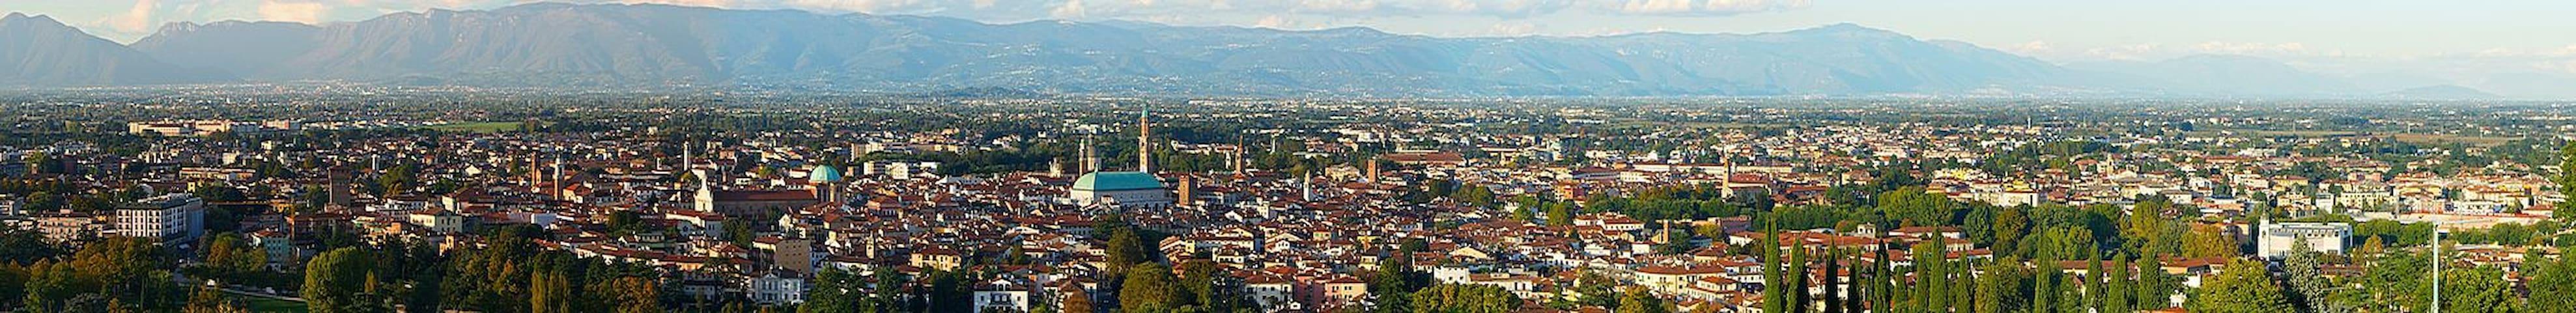 La casa tua a Vicenza - Vicenza